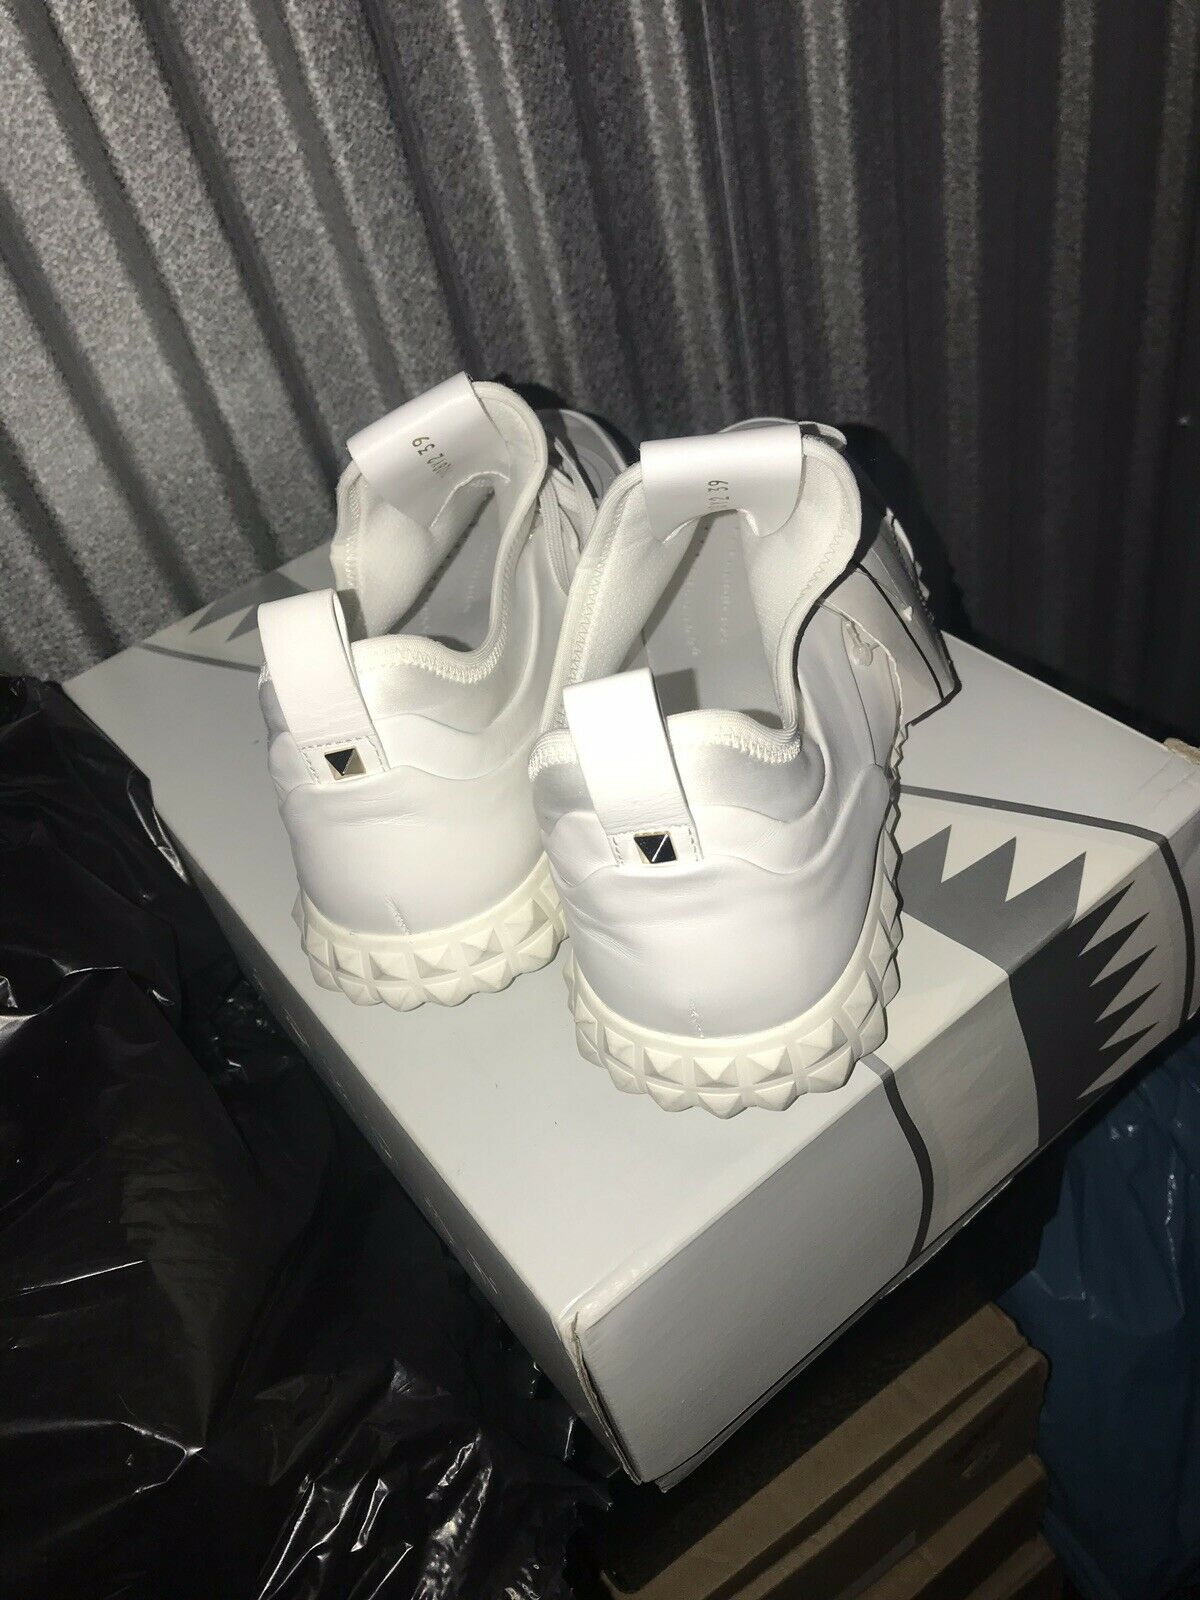 Valentino Garavani bianca Leather Bodytech Men's scarpe Dimensione 39  6 US New No Box